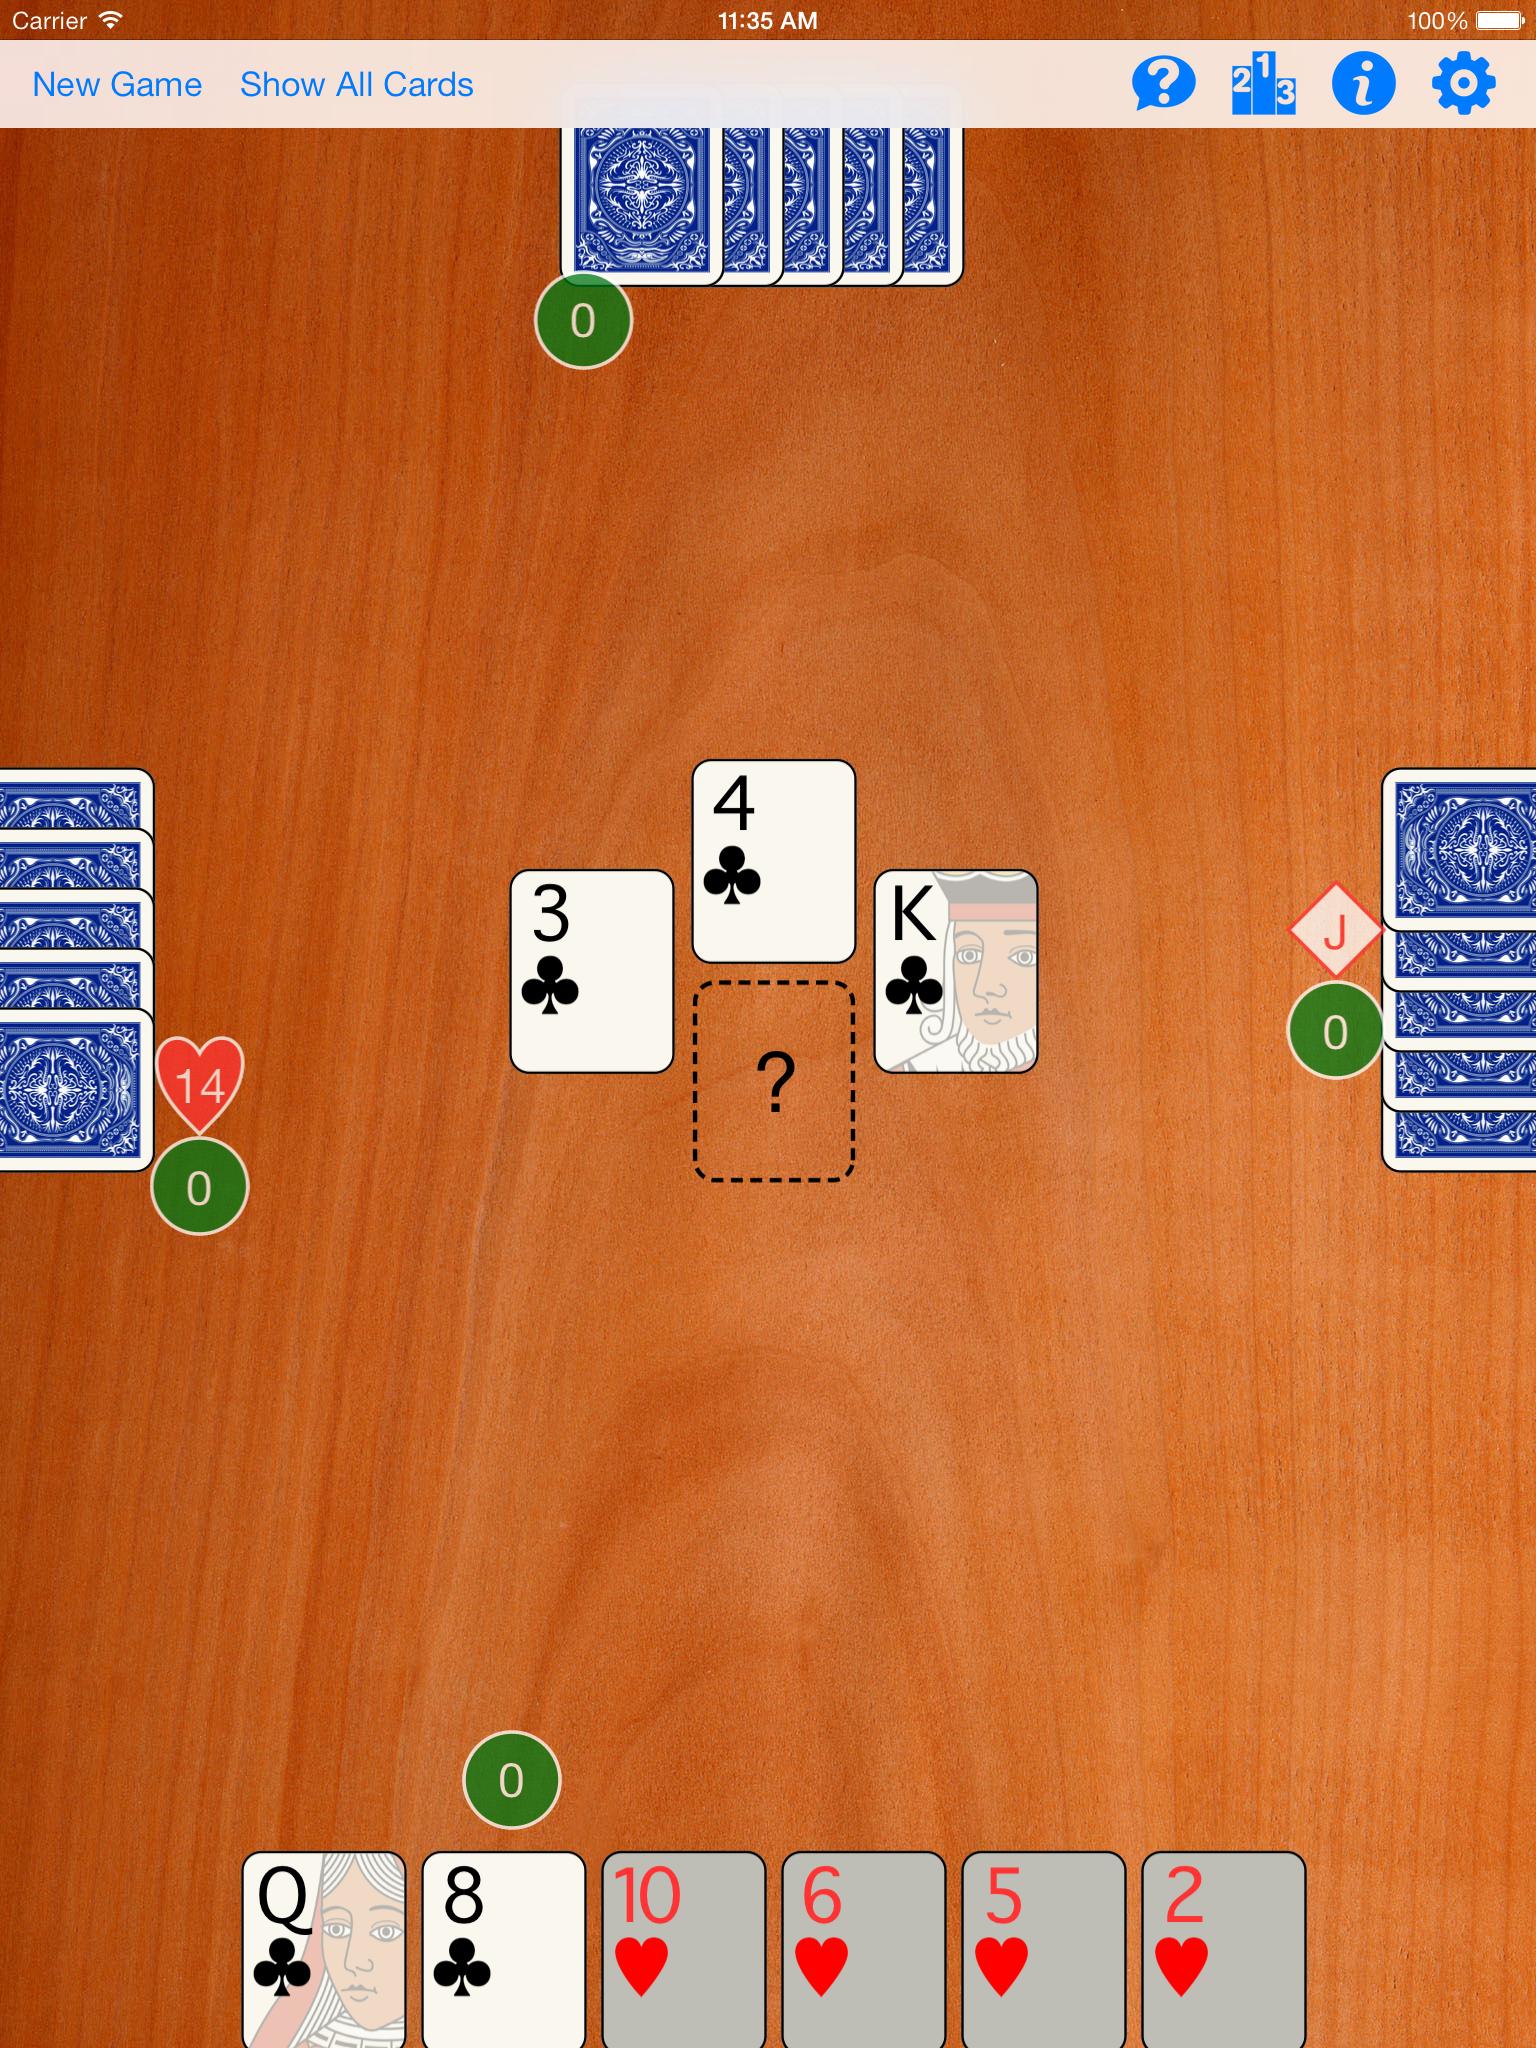 iOS Simulator Screen shot Sep 17, 2013 11.35.51 AM.png